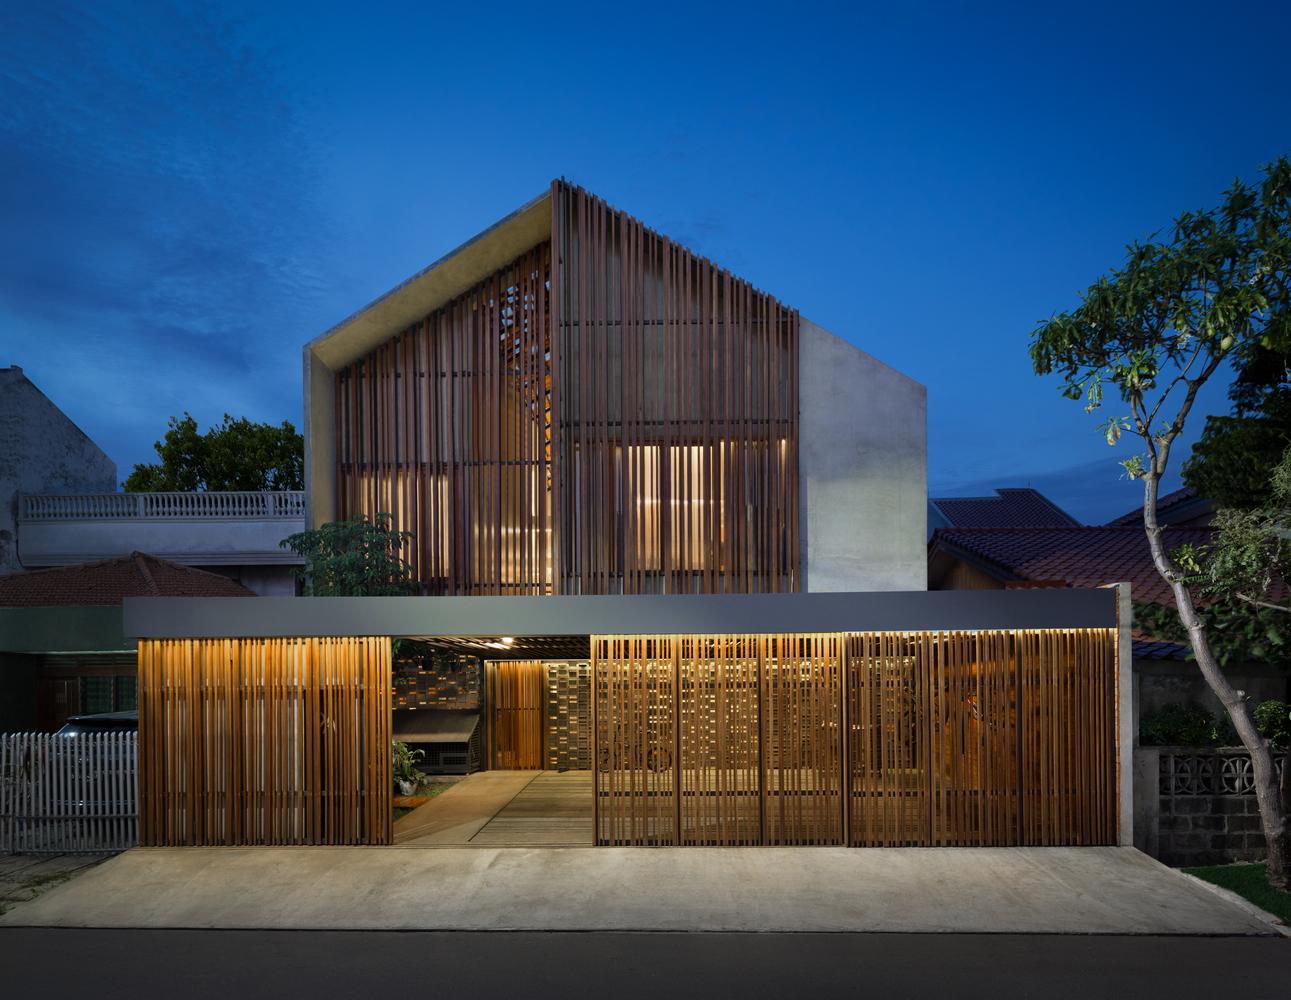 Perpaduan Kayu, Bata, dan Beton untuk Rumah Industrial Minimalis Super Keren | Foto artikel Arsitag